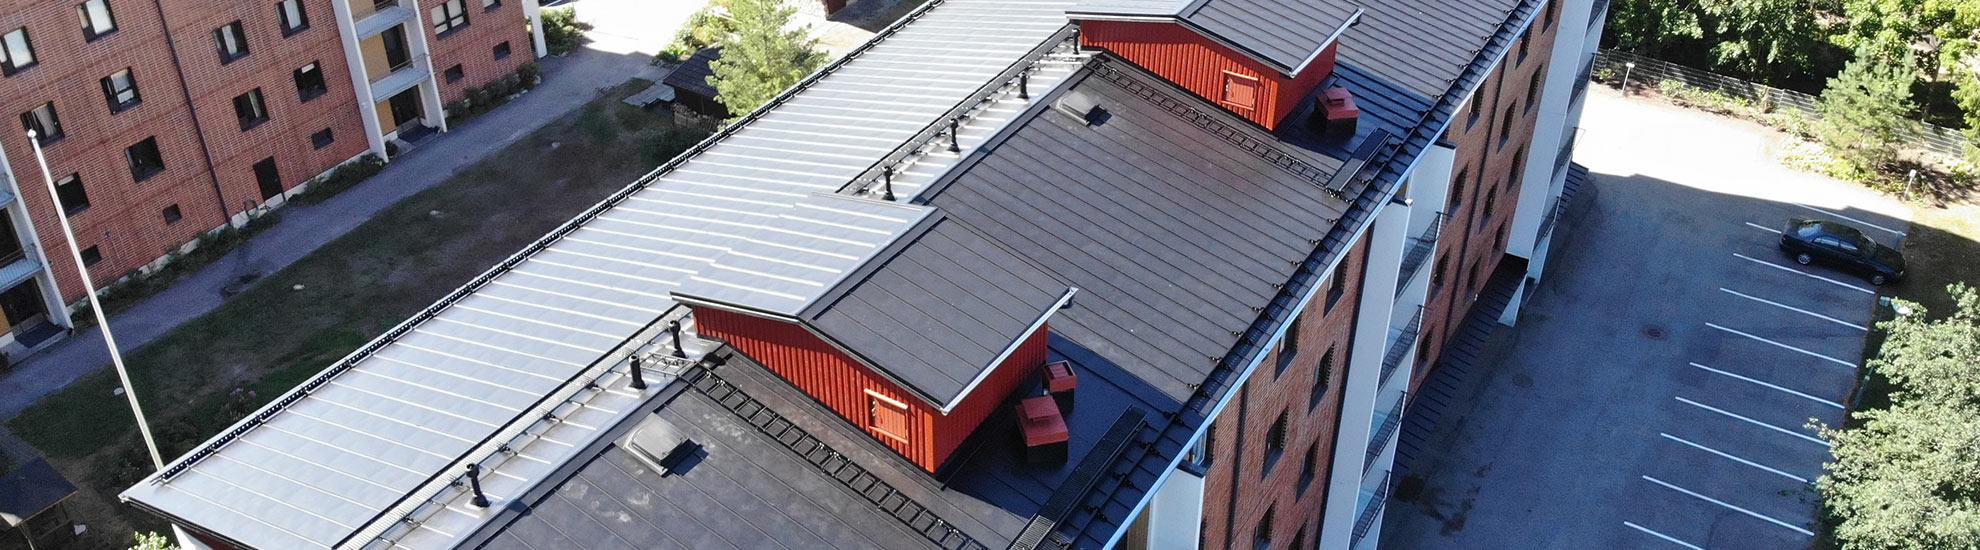 Kattojen urakoinnit rakennusliikkeille - Henberg Oy